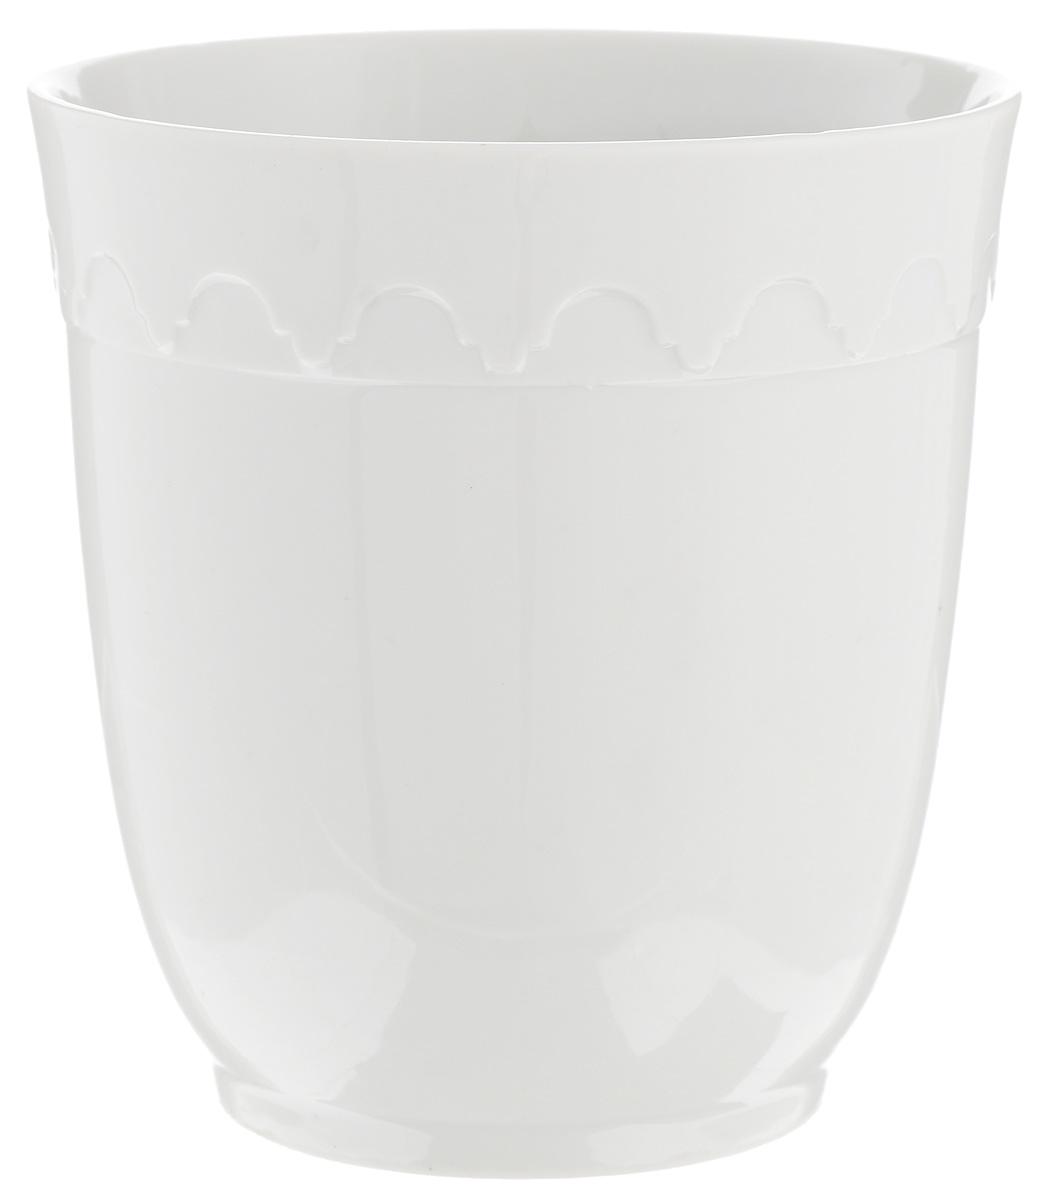 Кружка Фарфор Вербилок Арабеска, без ручки, 250 млVT-1520(SR)Кружка Фарфор Вербилок Арабеска способна скрасить любое чаепитие. Изделие выполнено из высококачественного фарфора. Посуда из такого материала позволяет сохранить истинный вкус напитка, а также помогает ему дольше оставаться теплым.Диаметр по верхнему краю: 8 см.Высота кружки: 9 см.